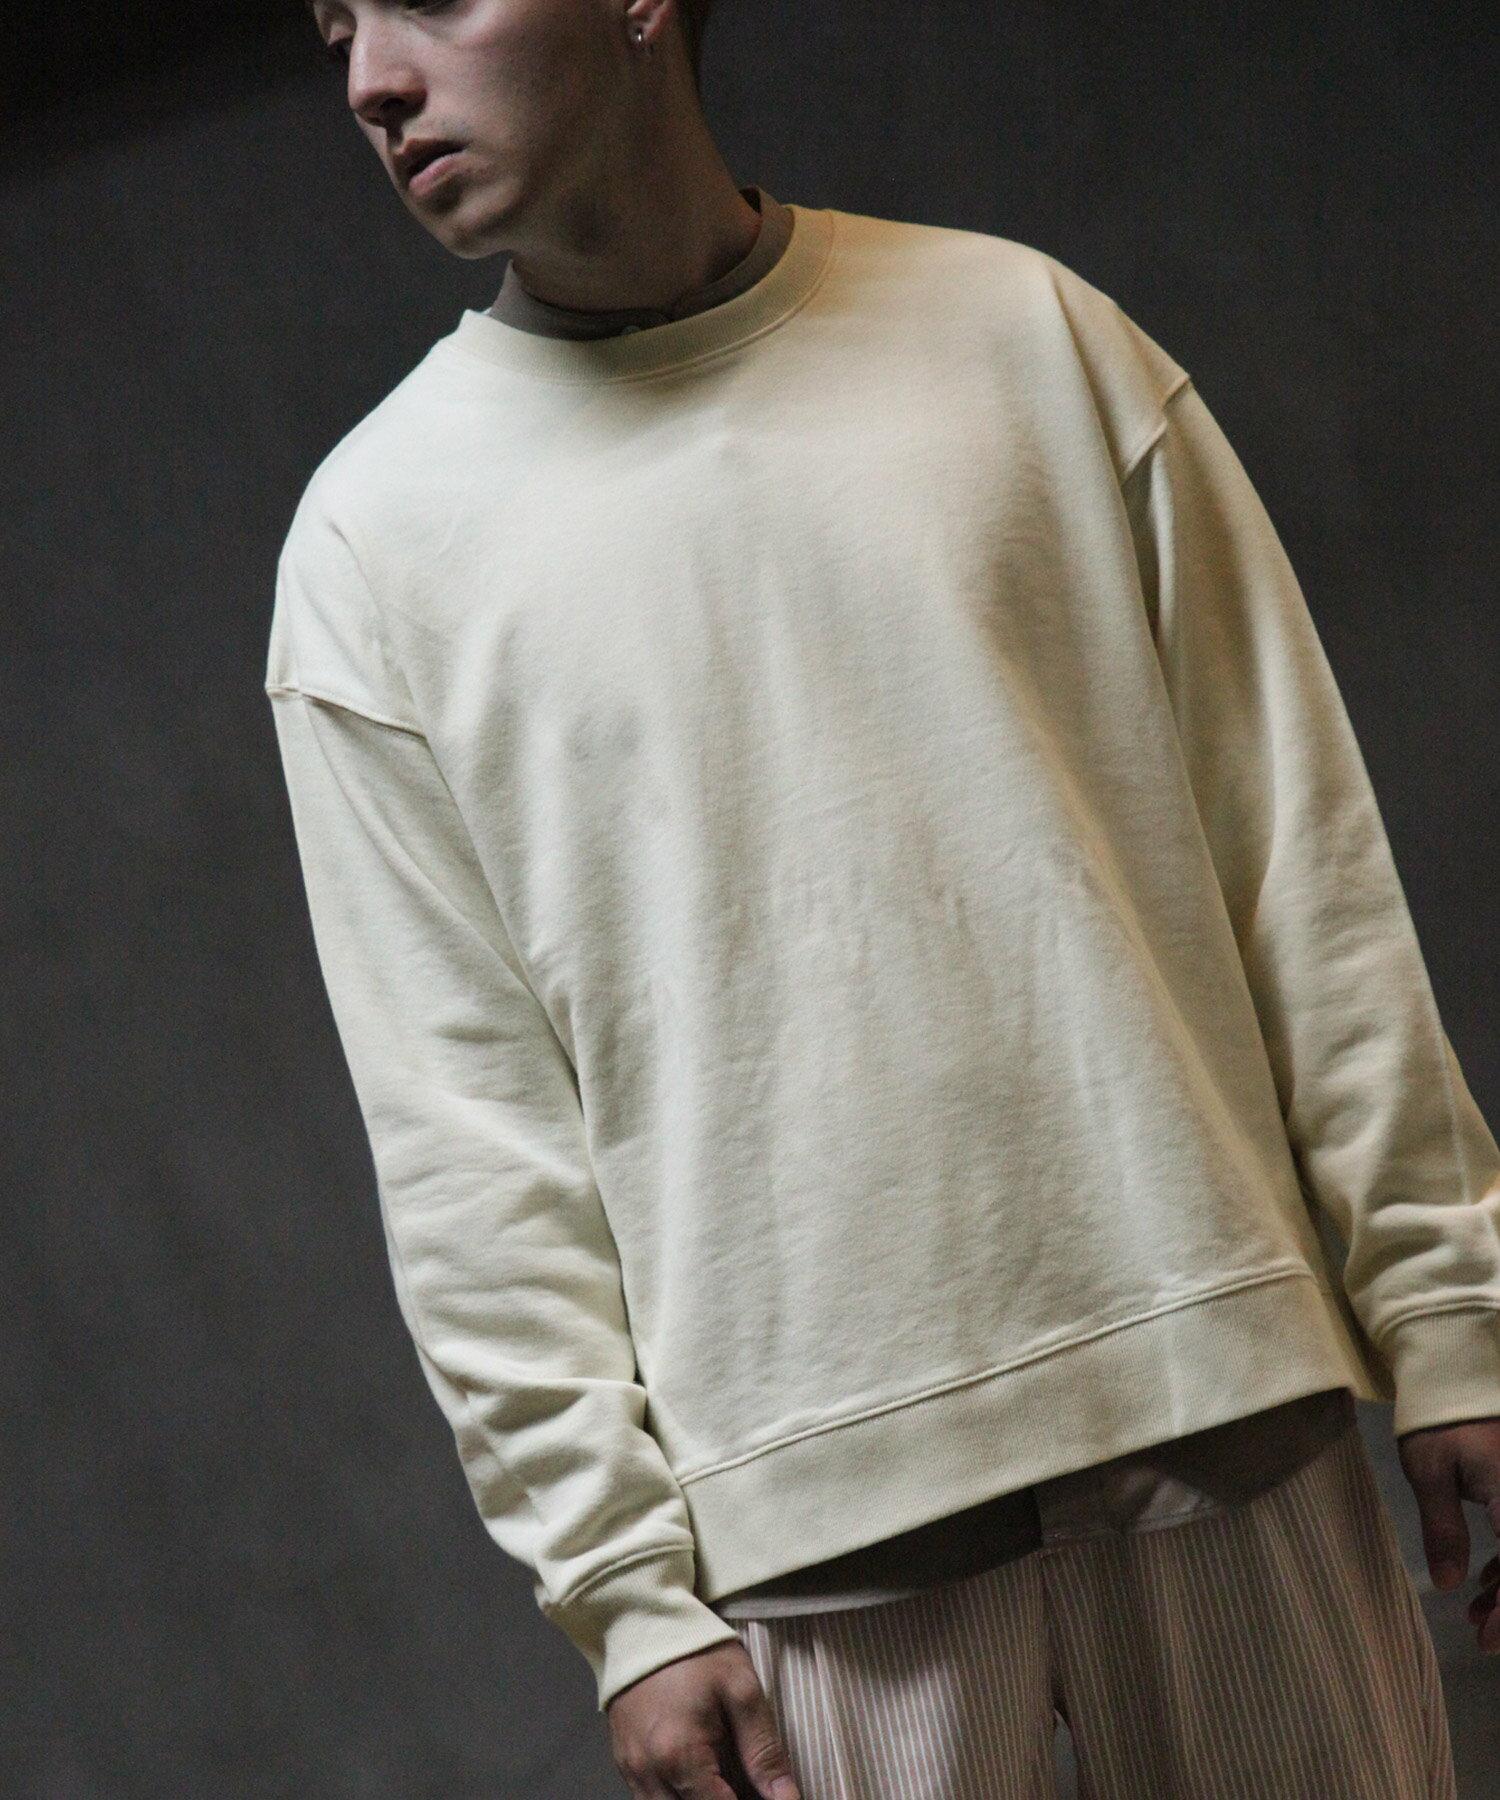 【Nilway】運動衫 純棉 衣襬開岔 1